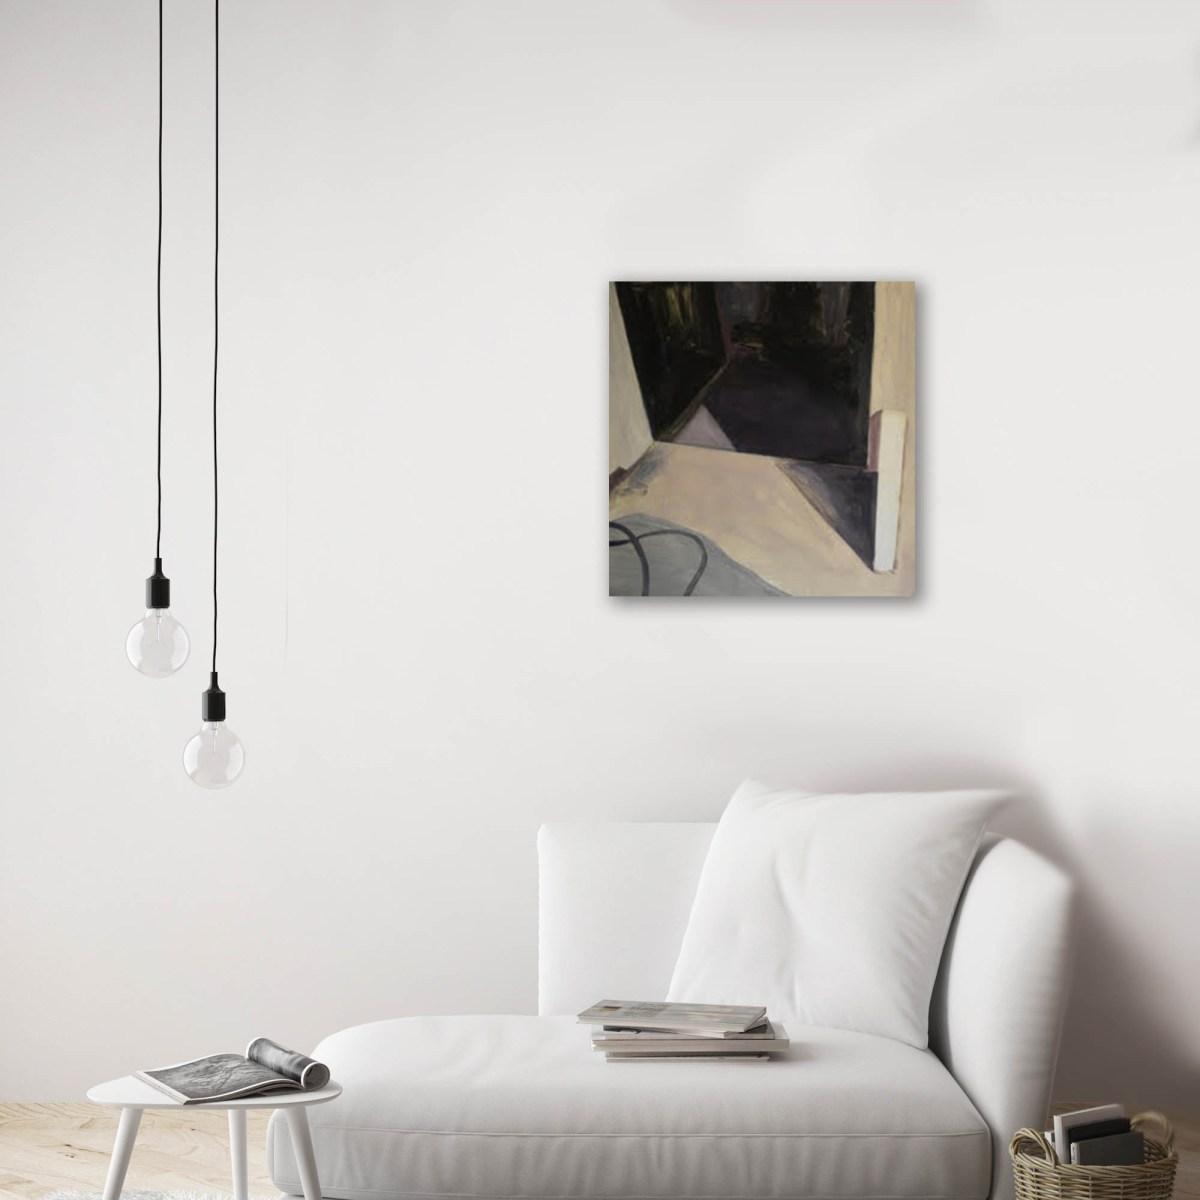 Alicia Ayanegui, obra montada sobre sillon